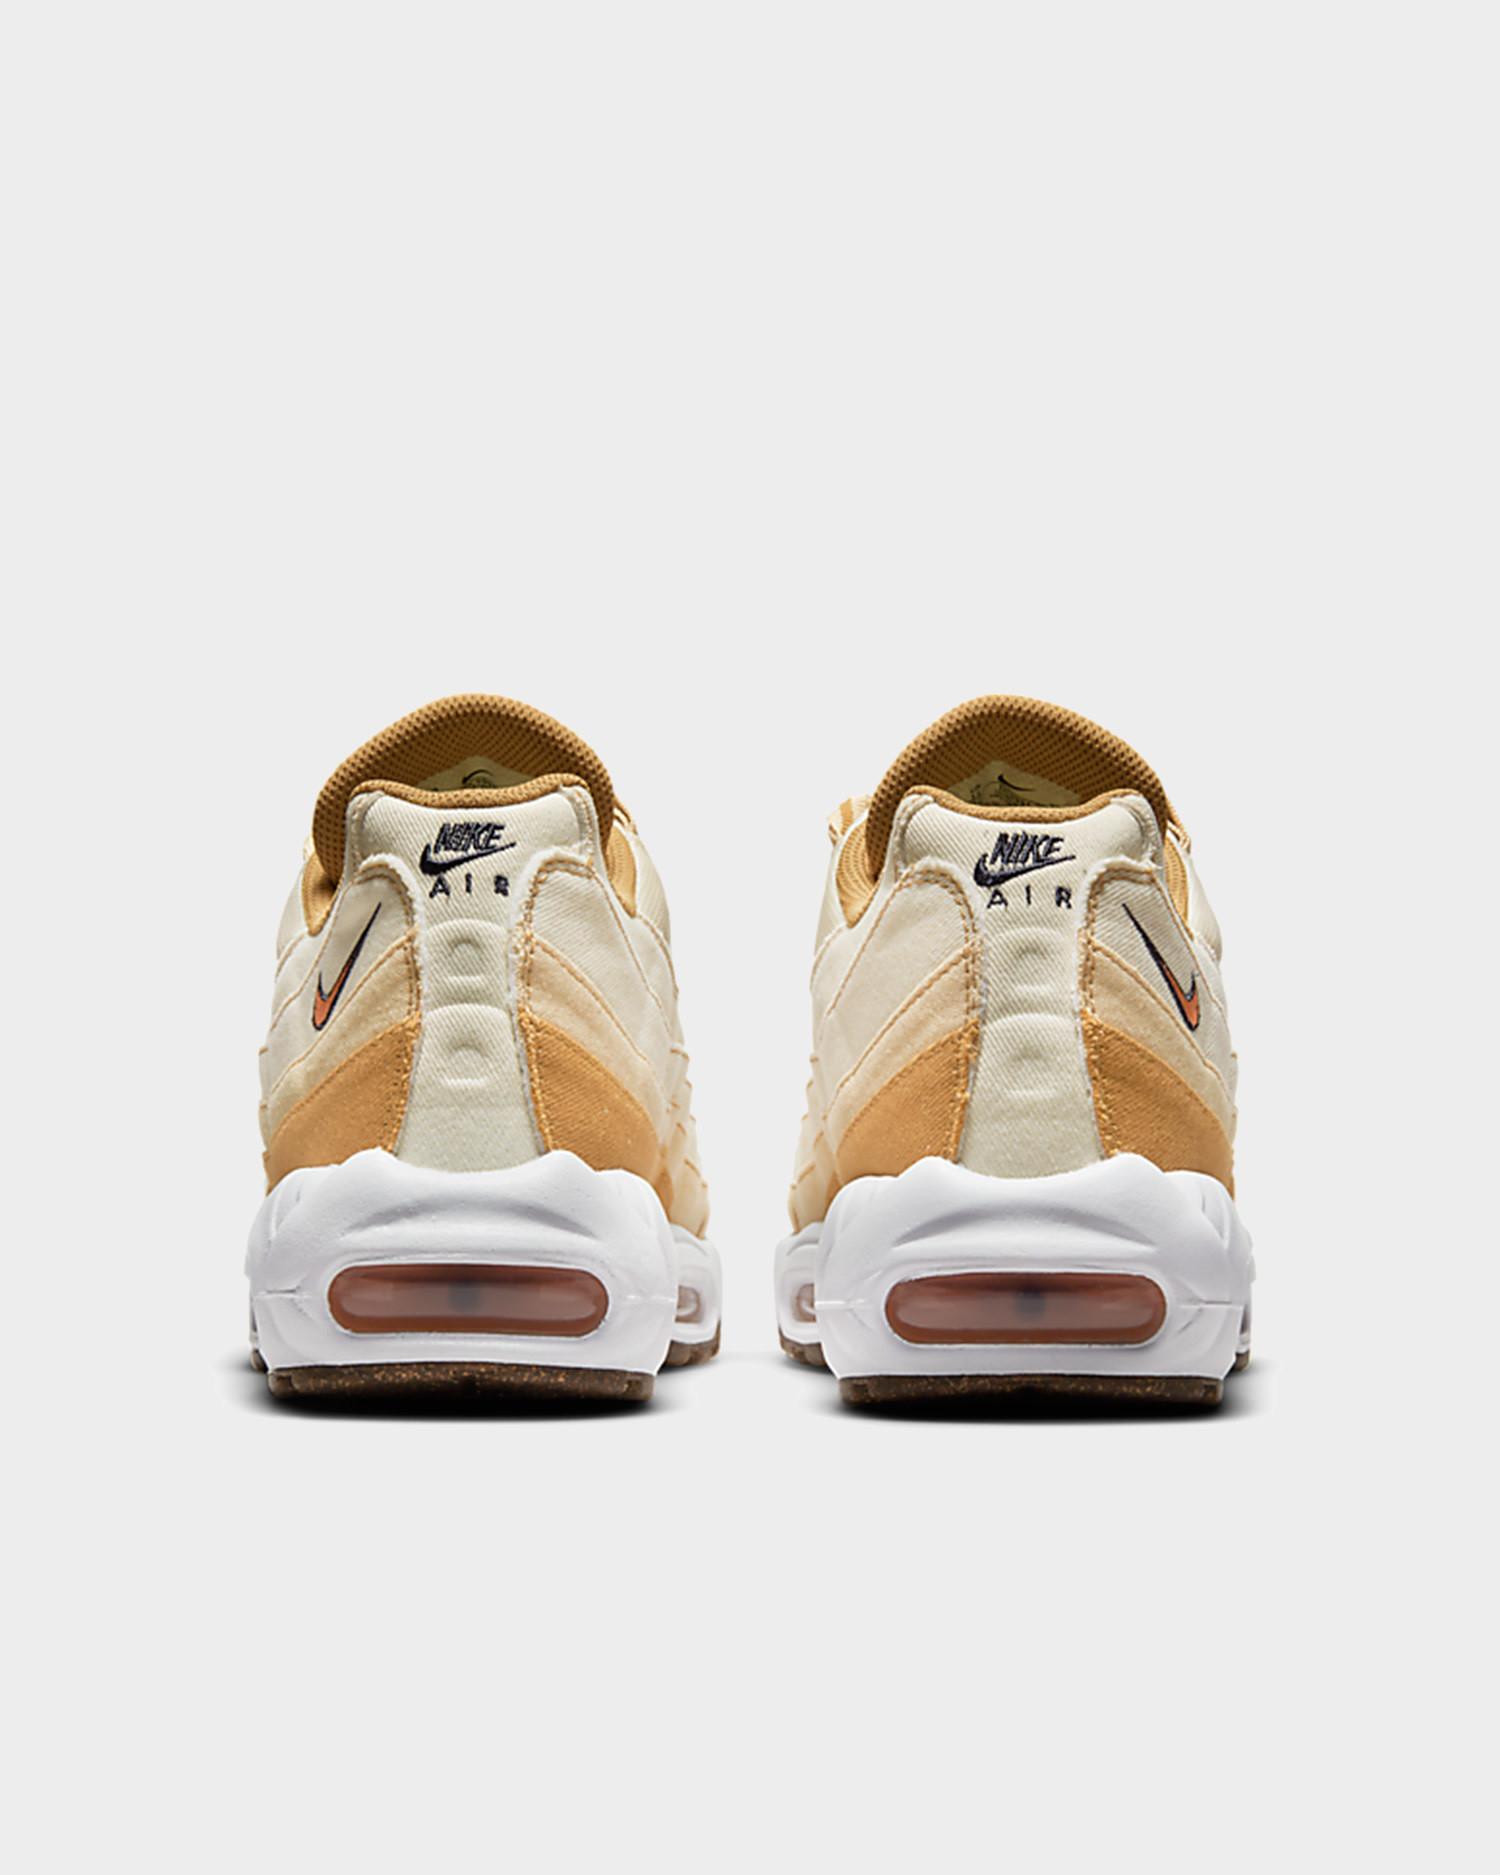 Nike air max 95 se Coconut milk/sienna-sesame-wheat